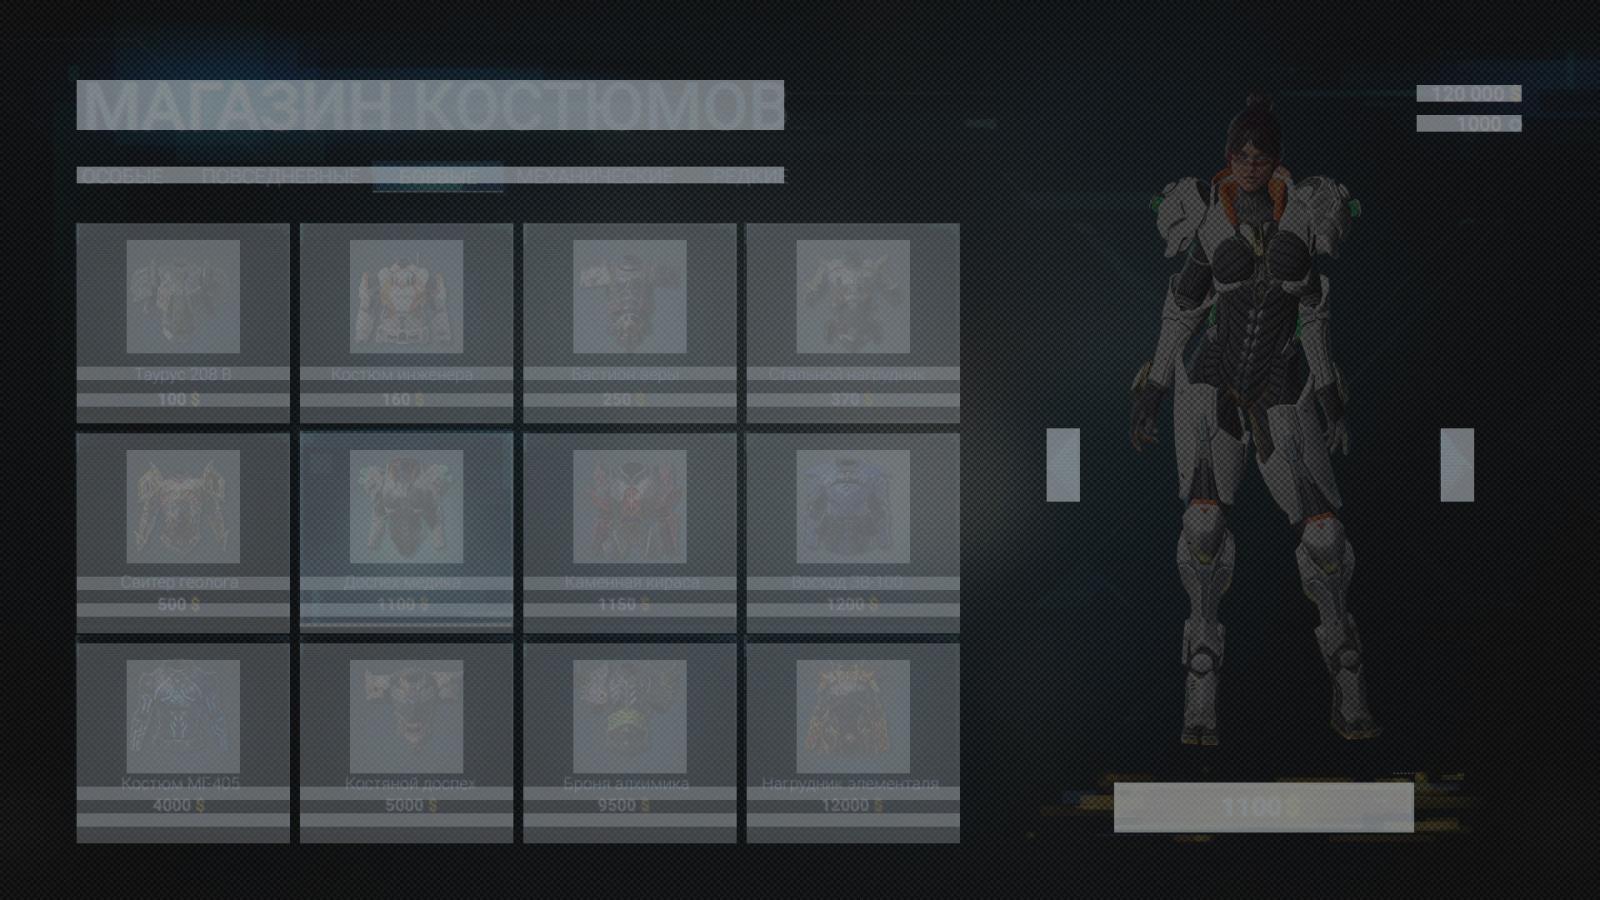 Создание интерфейса для игры - 18